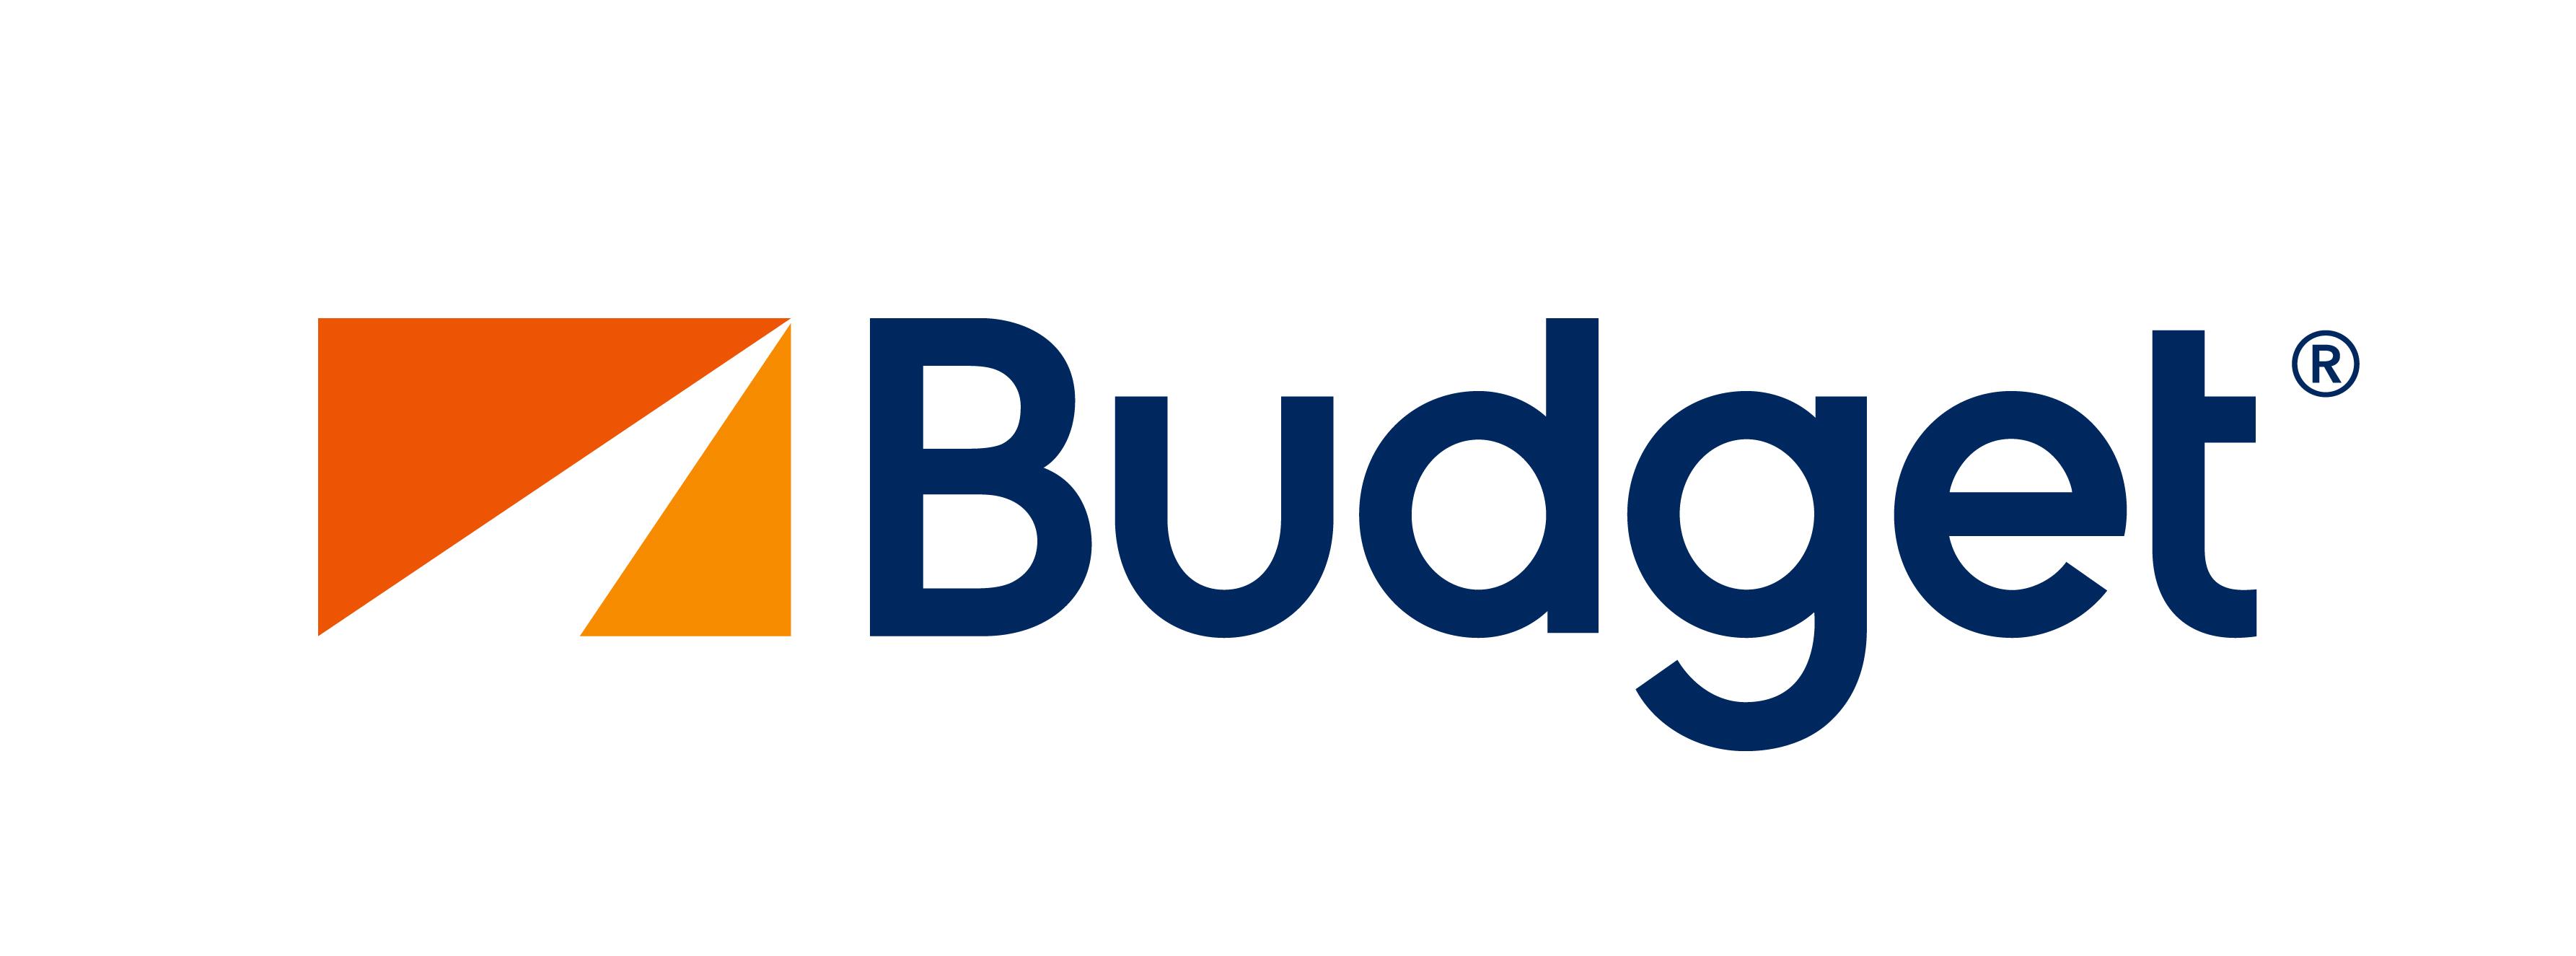 Budget Car Rental Yeppoon - Rosslyn, QLD 4703 - (07) 4922 8064 | ShowMeLocal.com